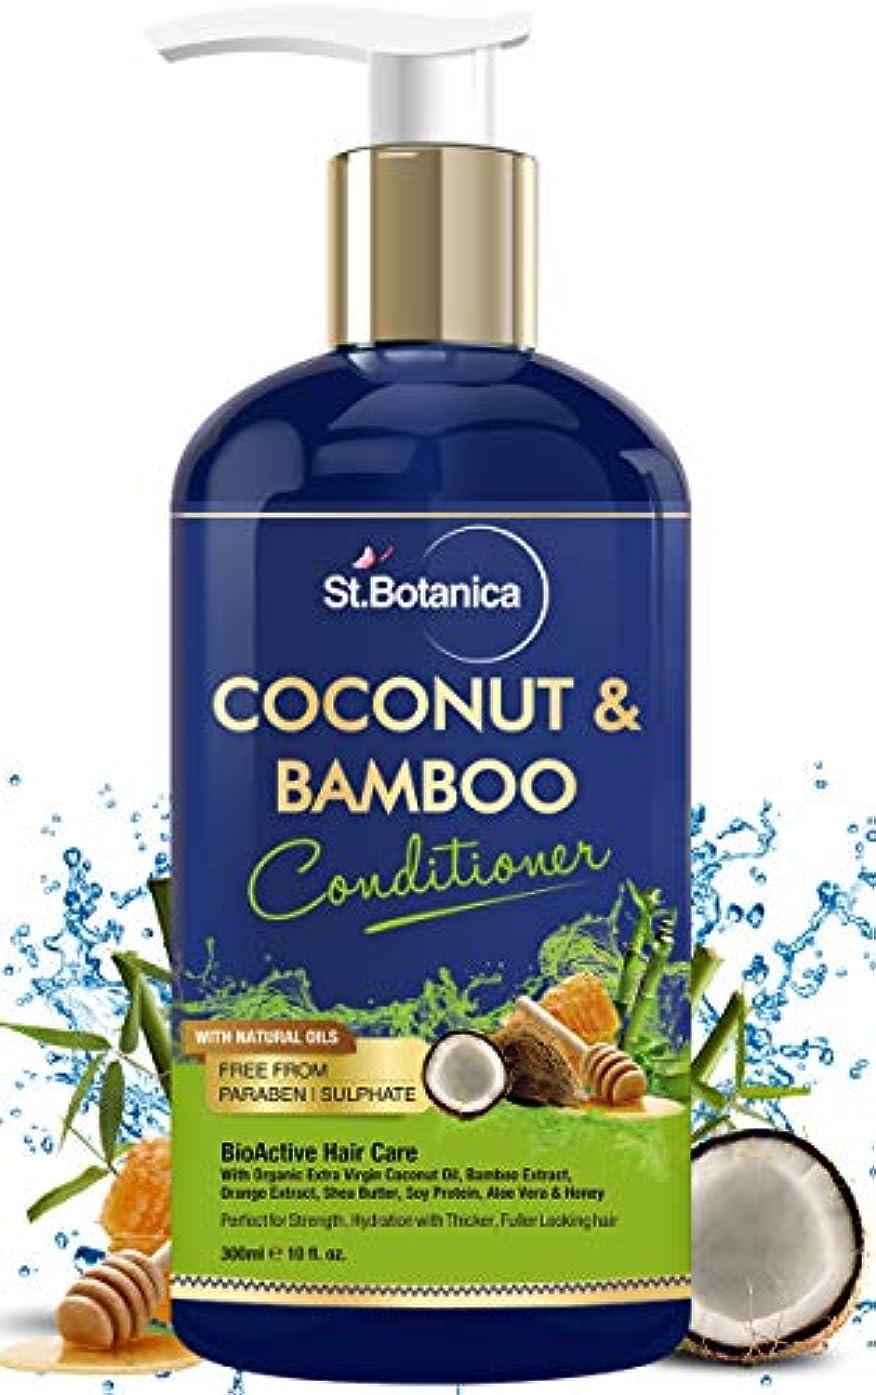 機会蒸し器ピアノを弾くStBotanica Coconut & Bamboo Hair Conditioner, 300ml - For Hair Strength & Hydration, with Organic Virgin Coconut...